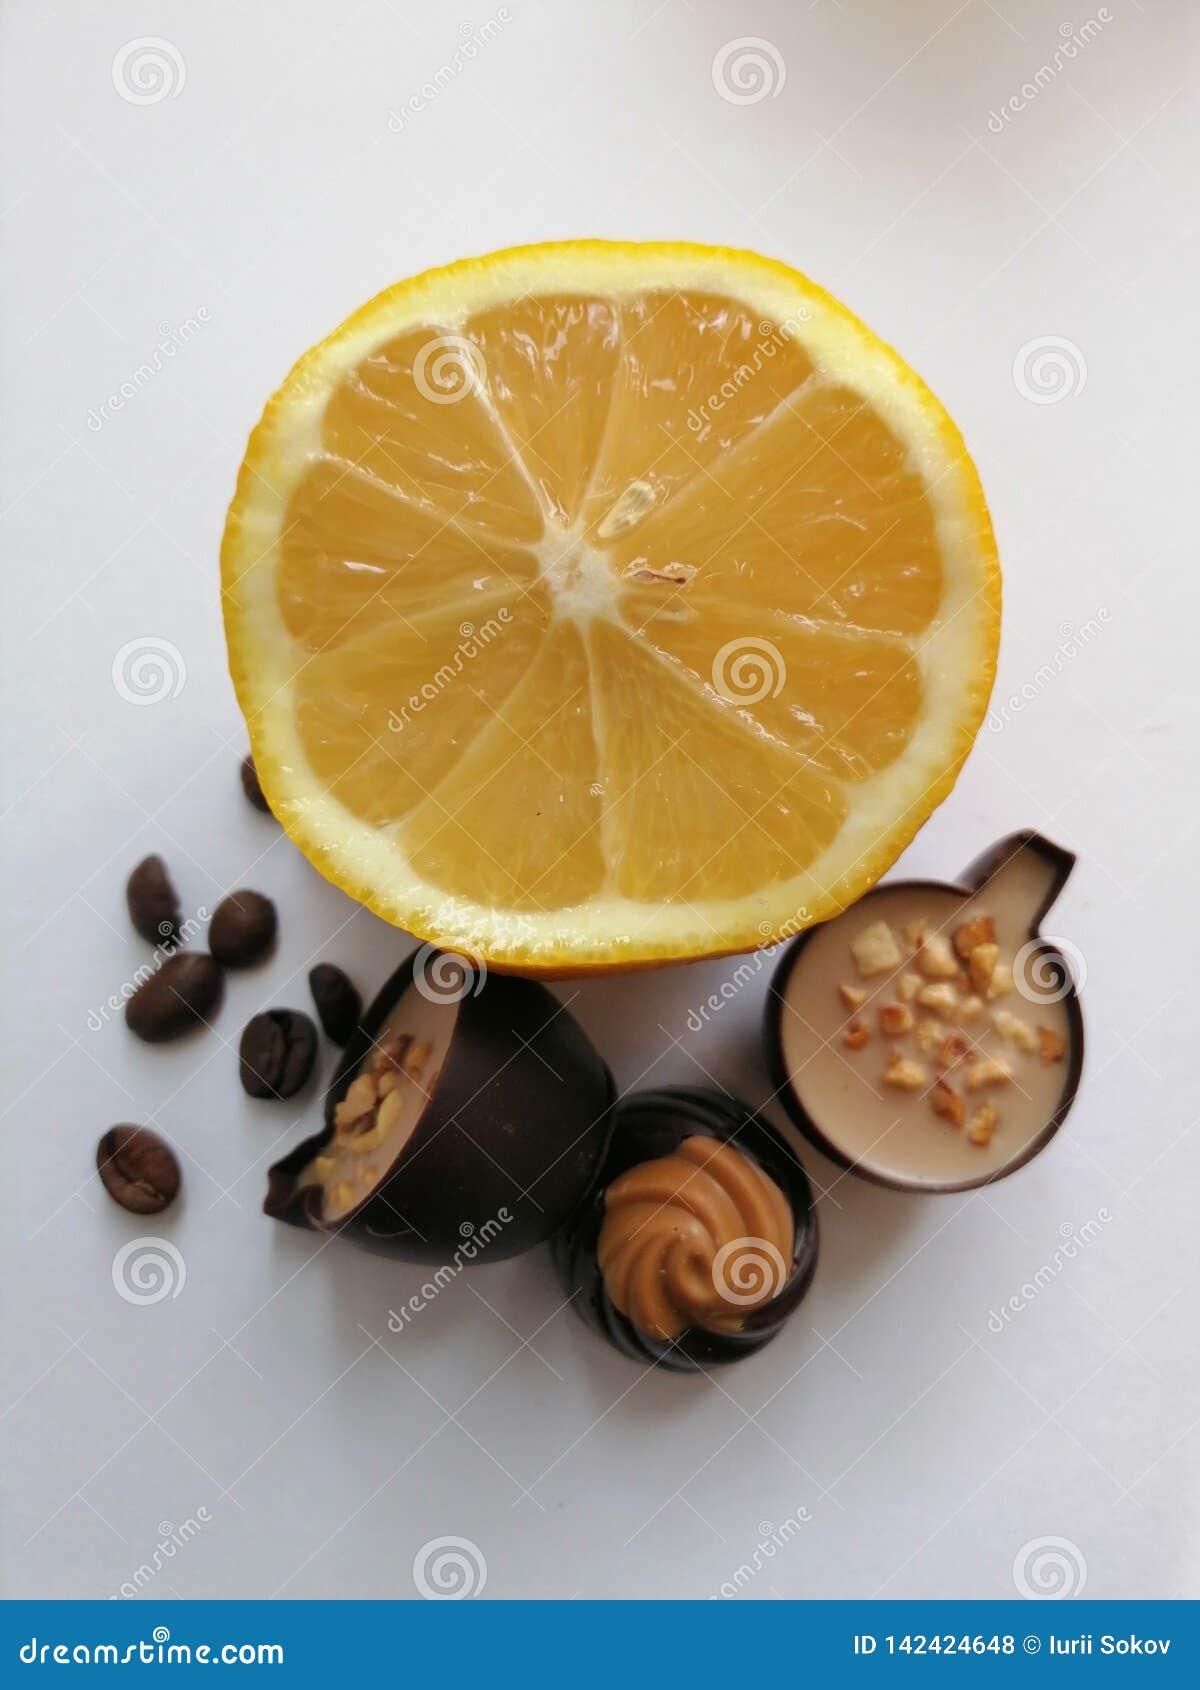 柠檬、咖啡豆和糖果